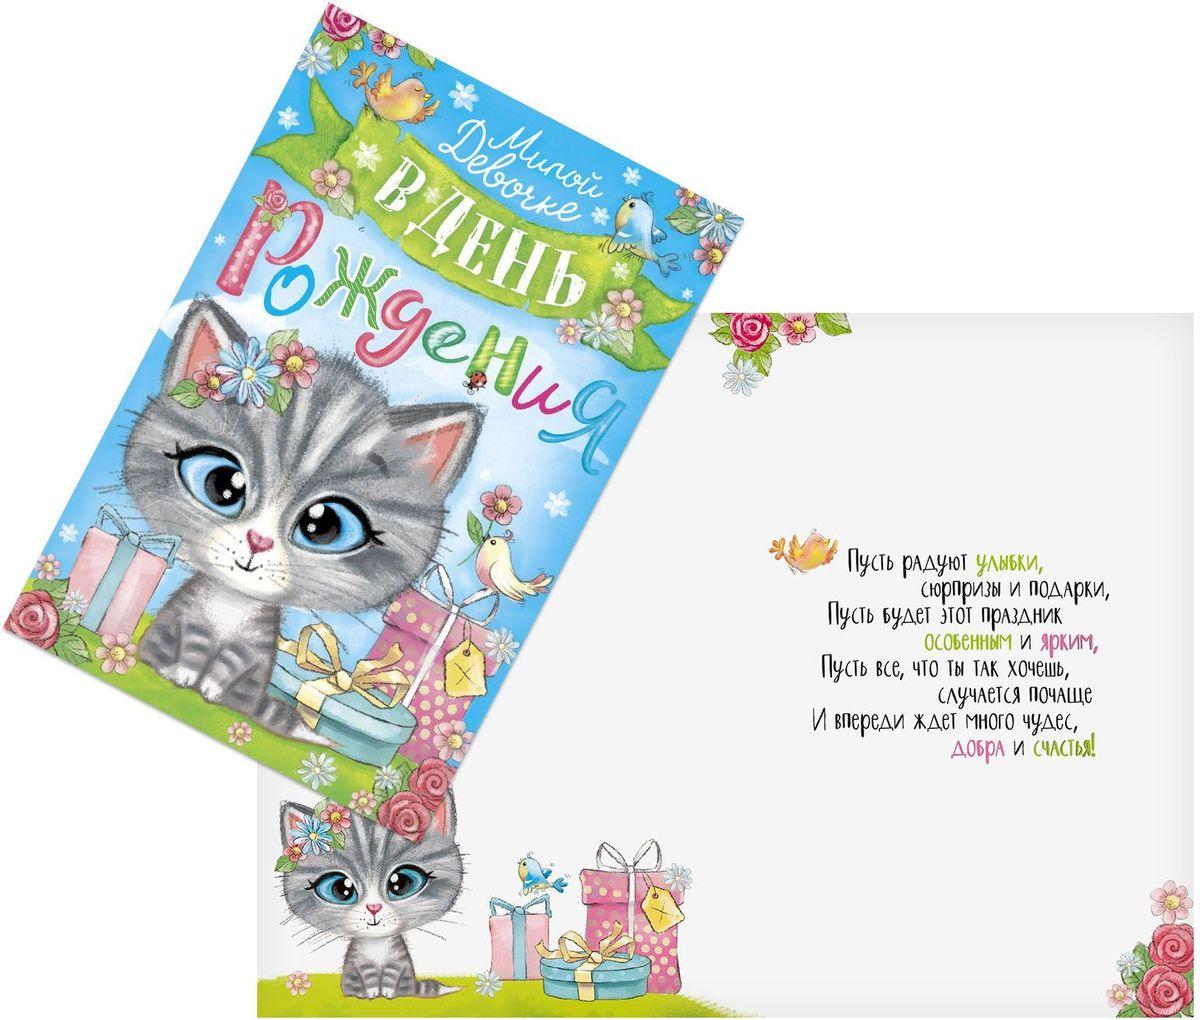 Открытка Дарите cчастье Милой девочке, 12 х 18 см1818879Атмосферу праздника создают детали: свечи, цветы, бокалы, воздушные шары и поздравительные открытки - яркие и весёлые, романтичные и нежные, милые и трогательные.Расскажите о своих чувствах дорогому для вас человеку, поделитесь радостью с близкими и друзьями. Открытка с креативным дизайном вам в этом поможет.